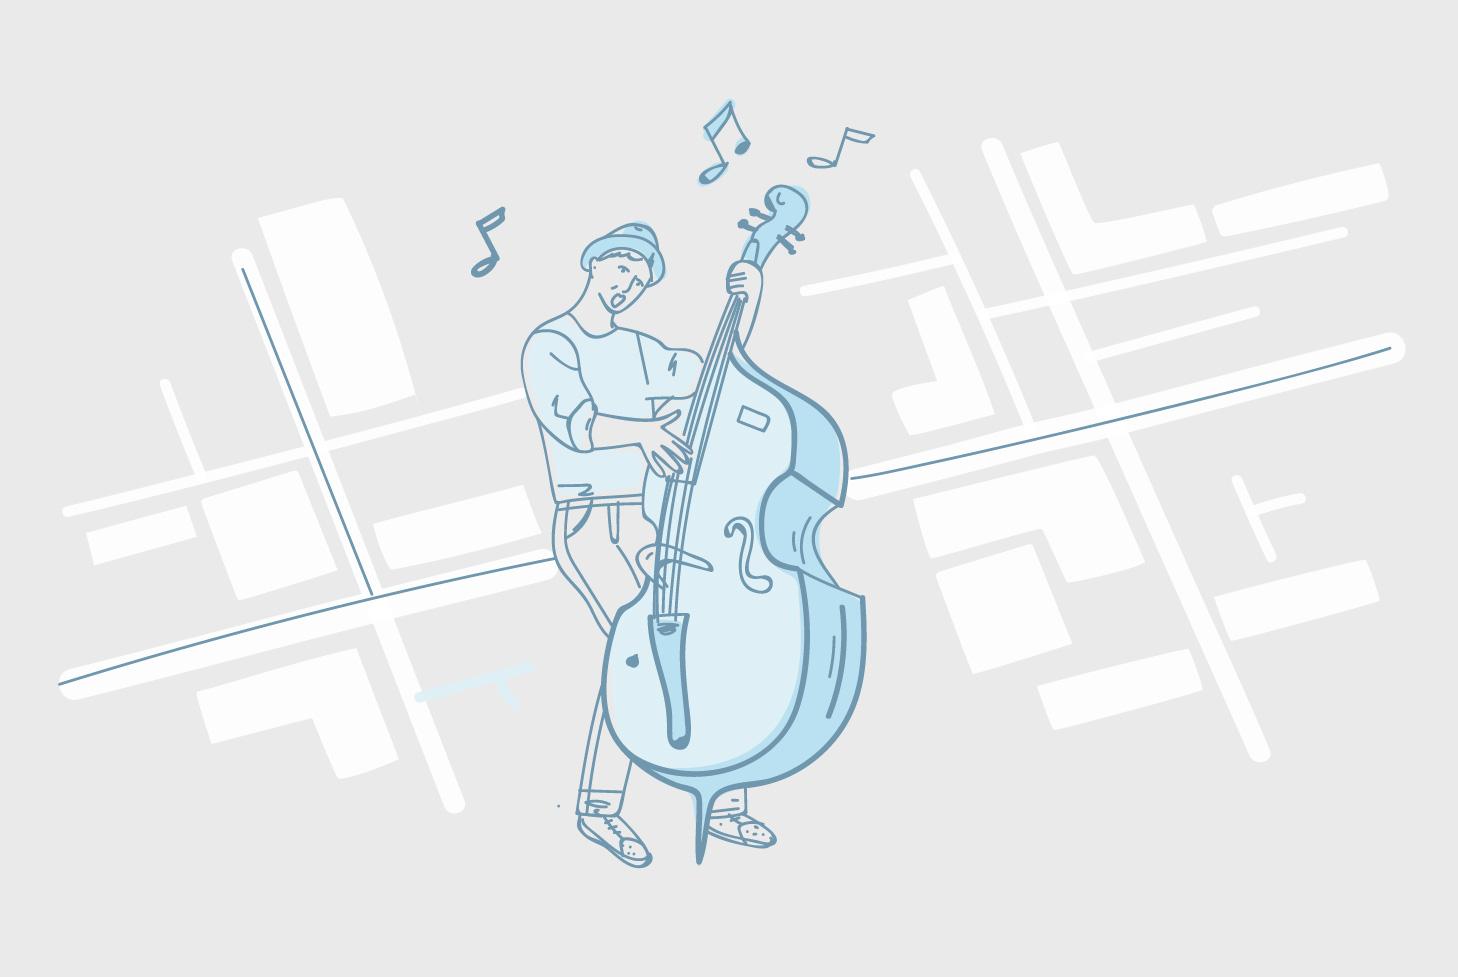 «Новые адреса»: главное опетербургской музыке. Ктовозрождает рок, куда делись рэперы ипопулярен ли джаз